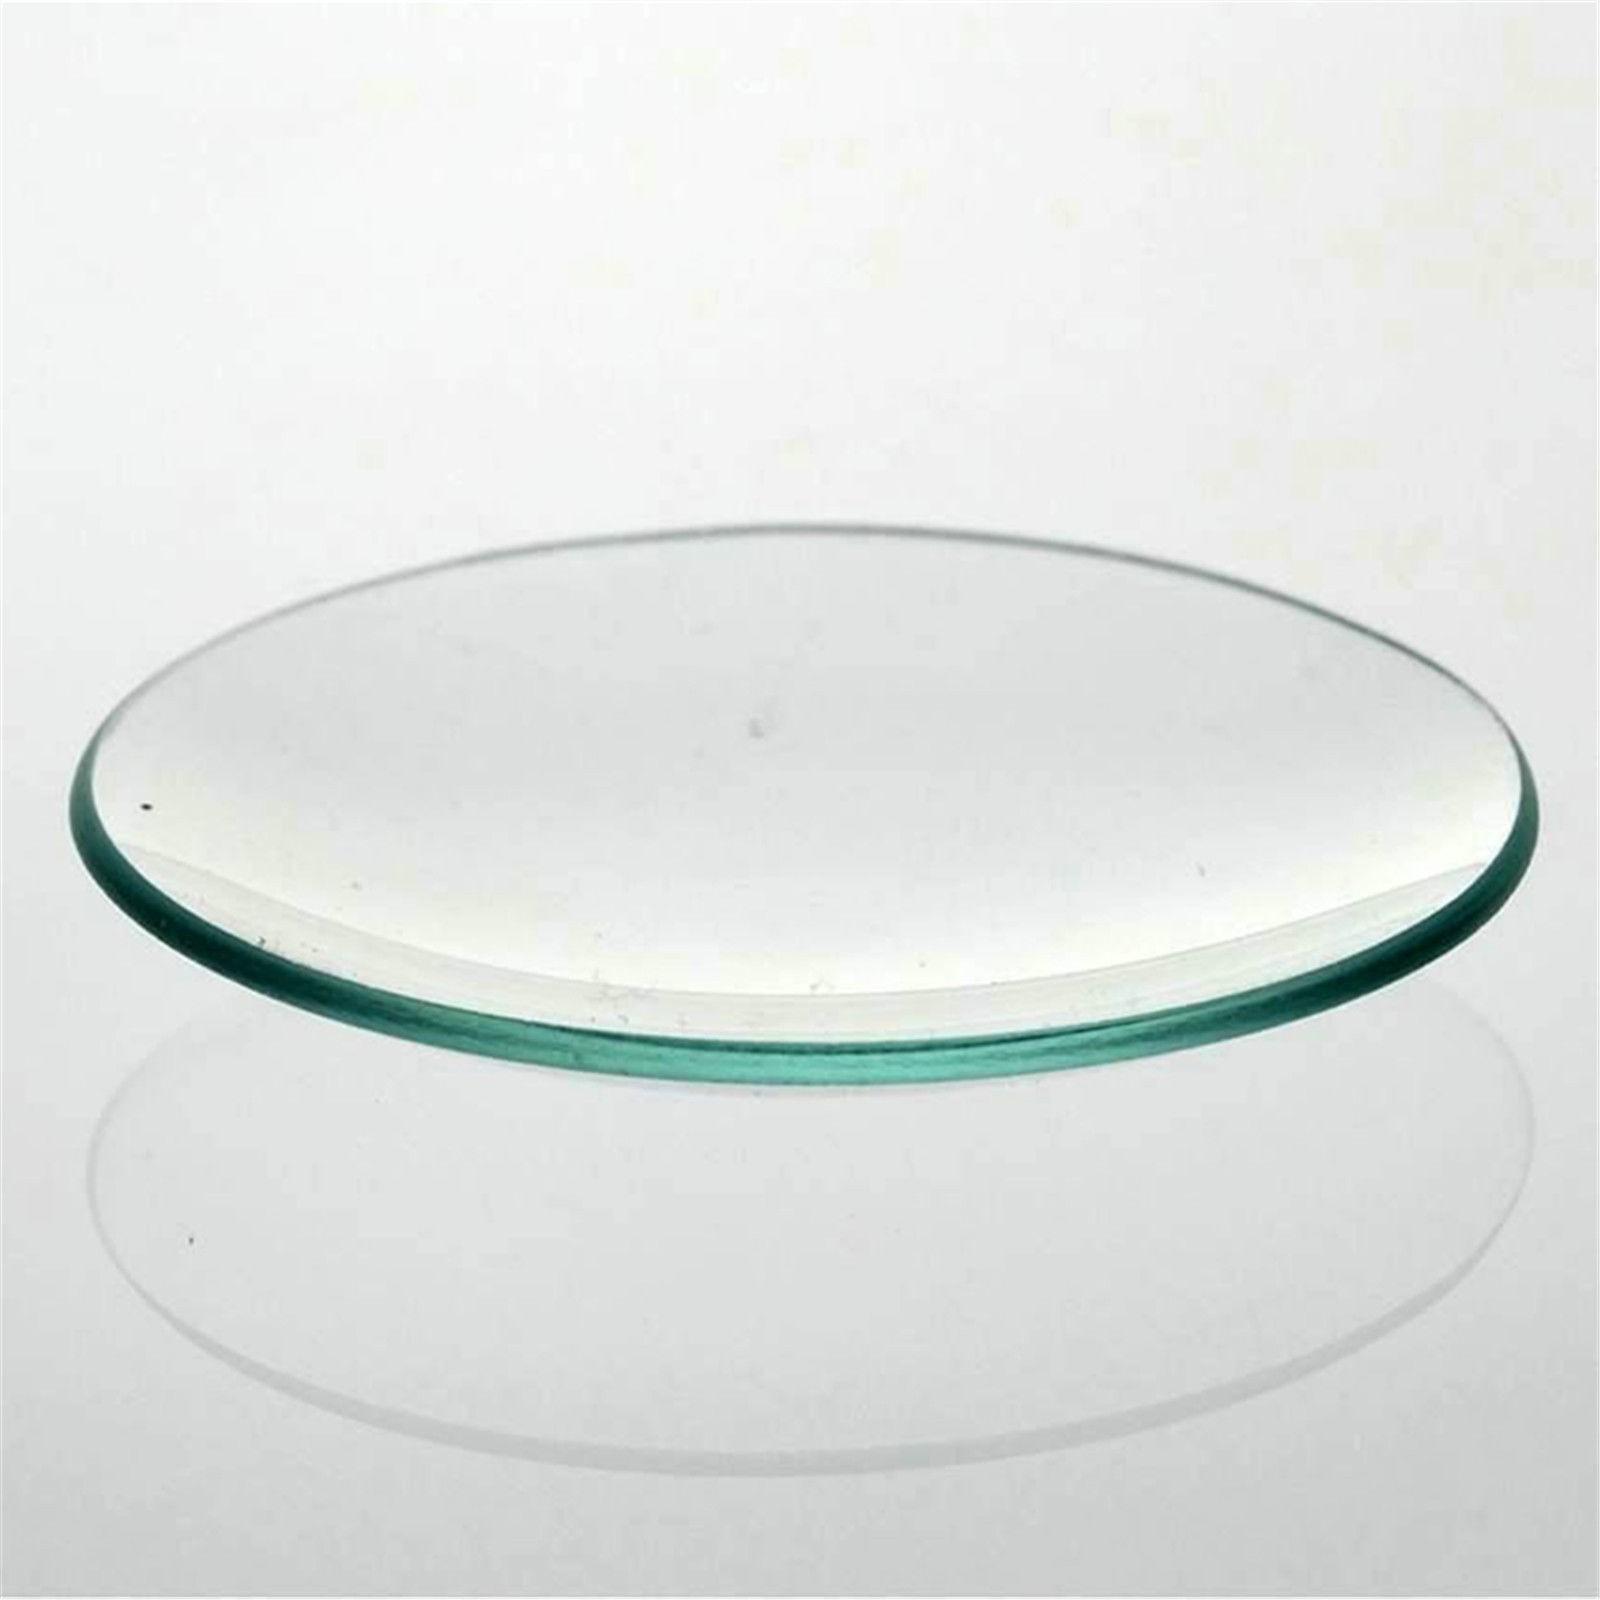 Mặt kính đồng hồ đường kính 40mm Duran